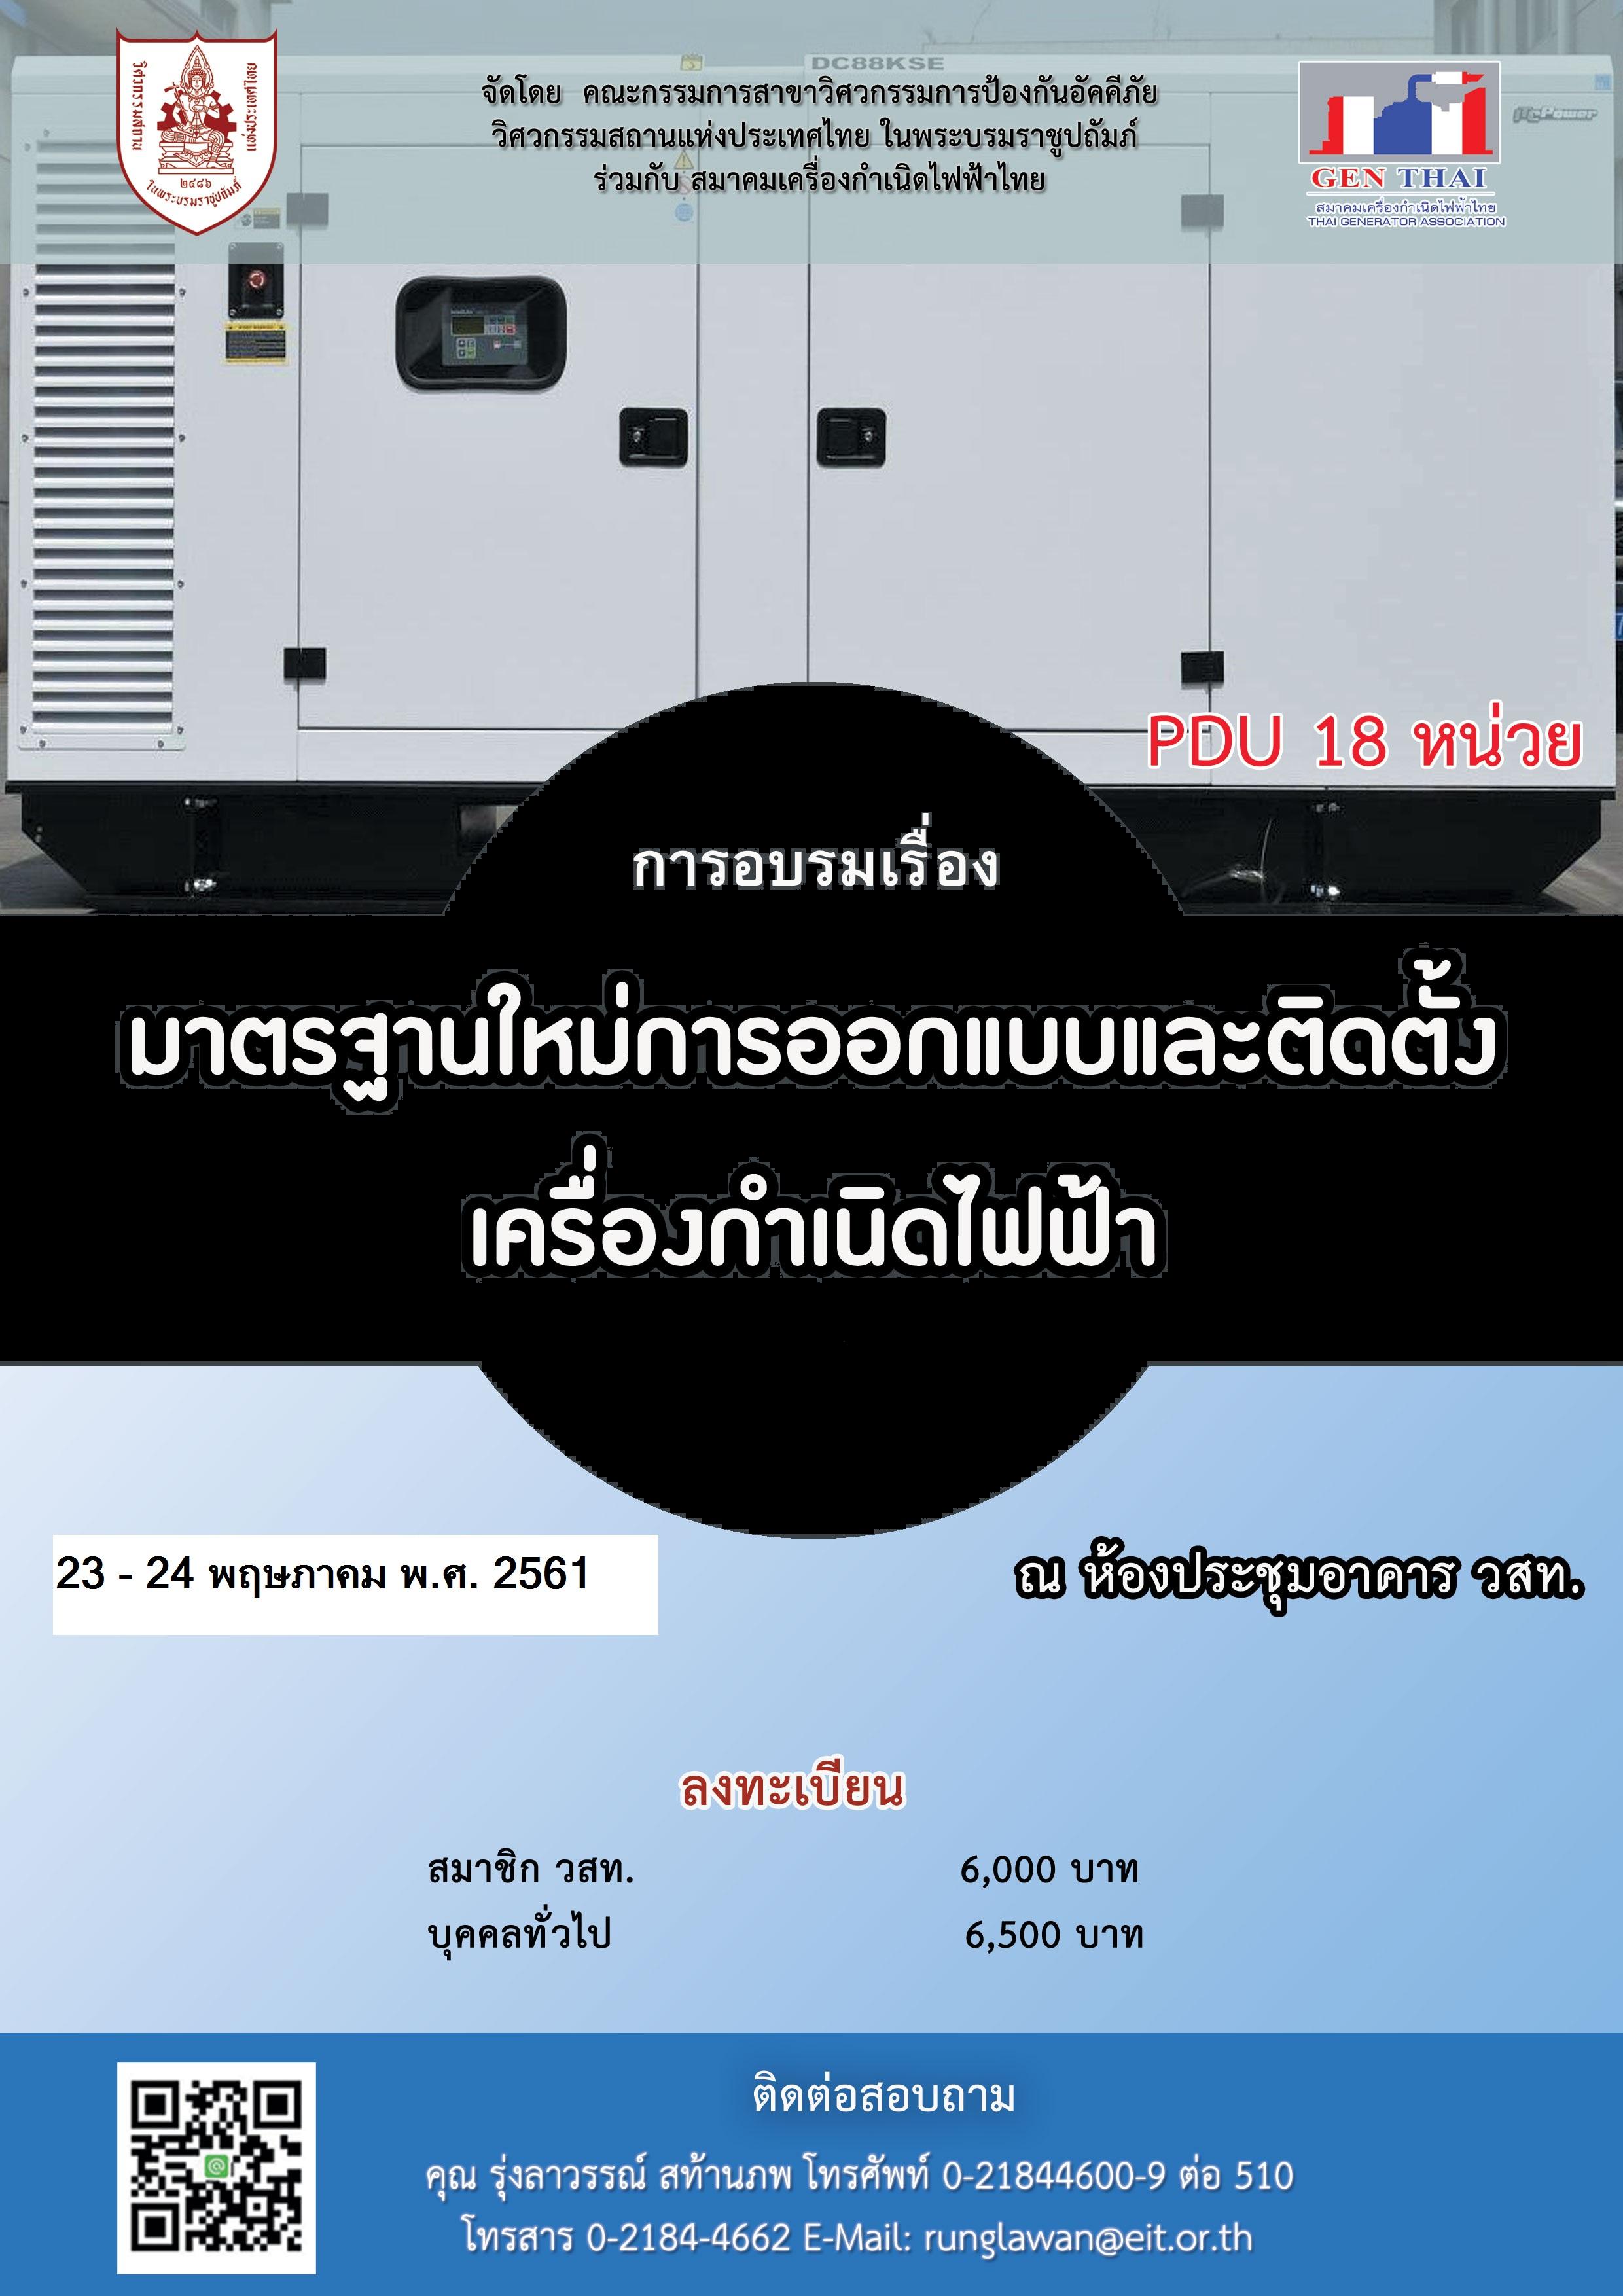 23-24/05/2561 การอบรมเรื่อง มาตรฐานใหม่การออกแบบและติดตั้งเครื่องกำเนิดไฟฟ้า รุ่นที่ 9